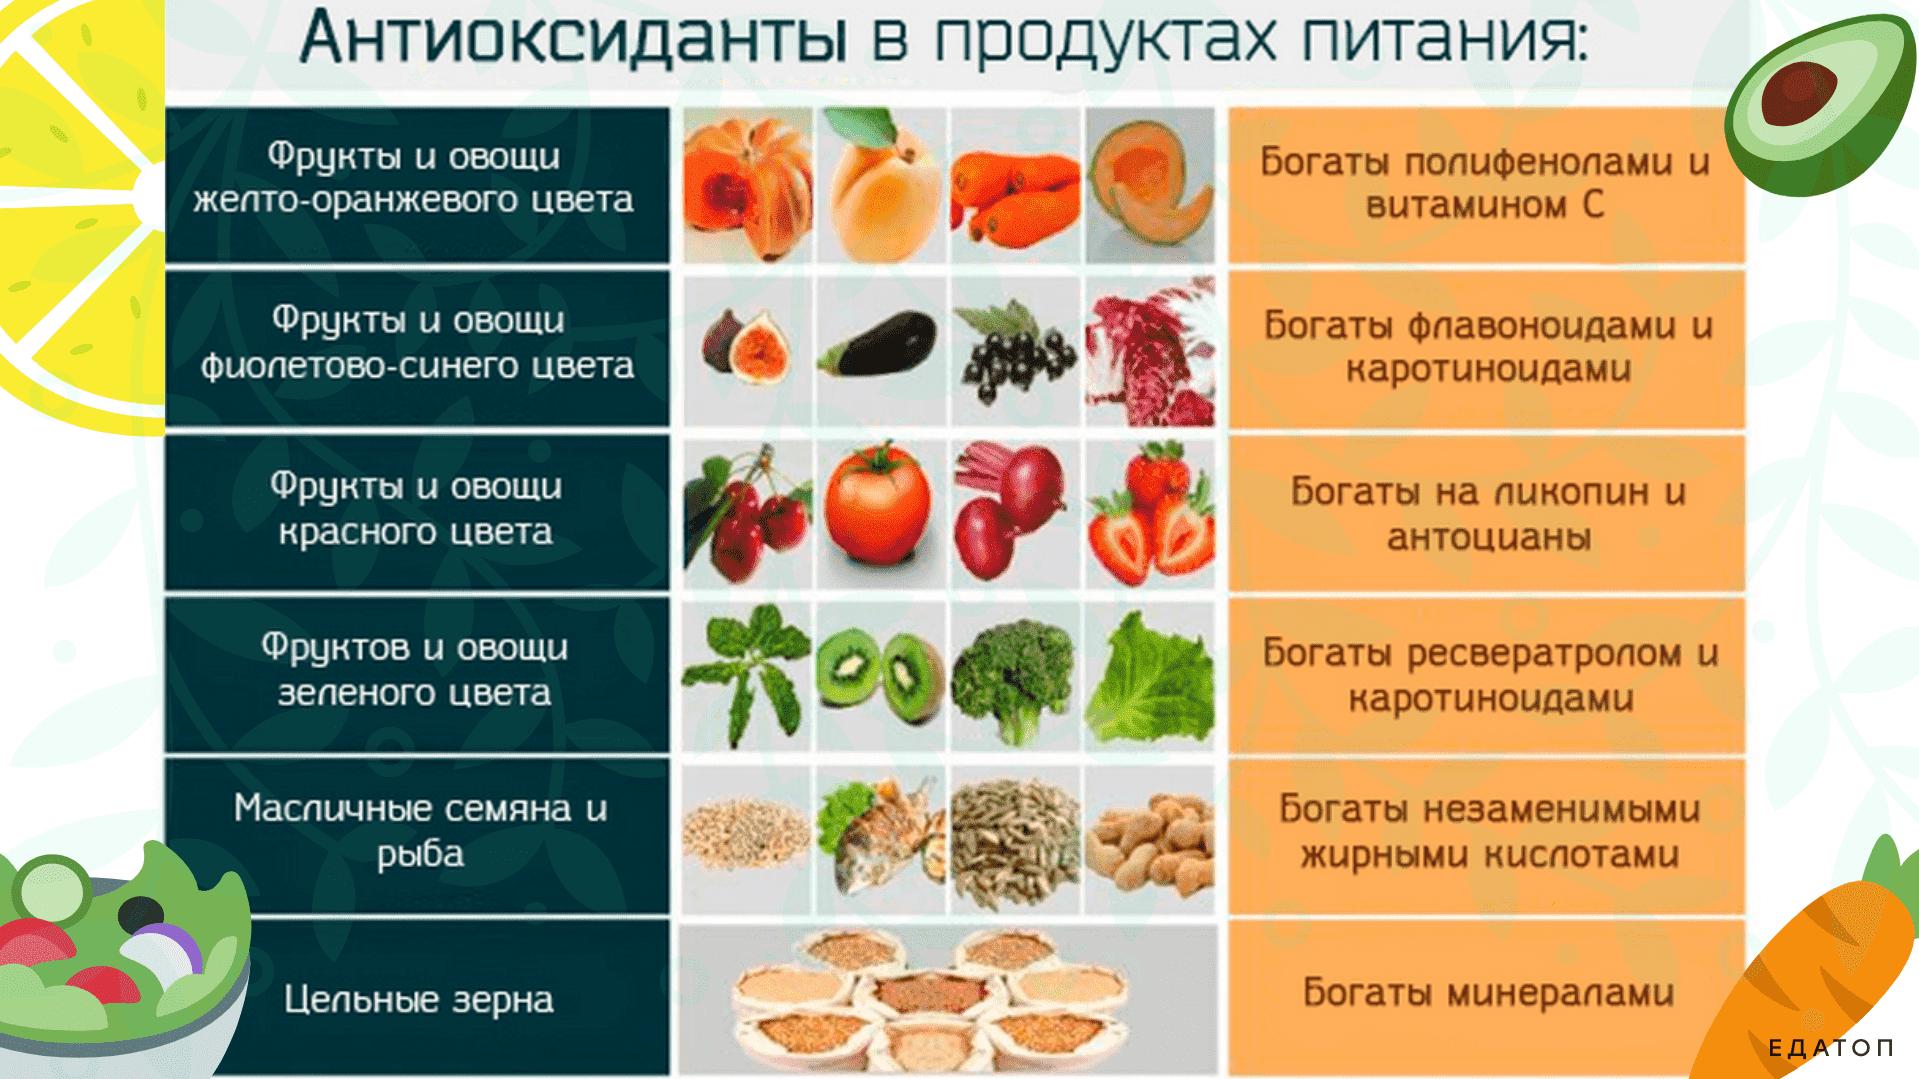 Антиоксиданты что это такое, в каких продуктах содержатся, таблица